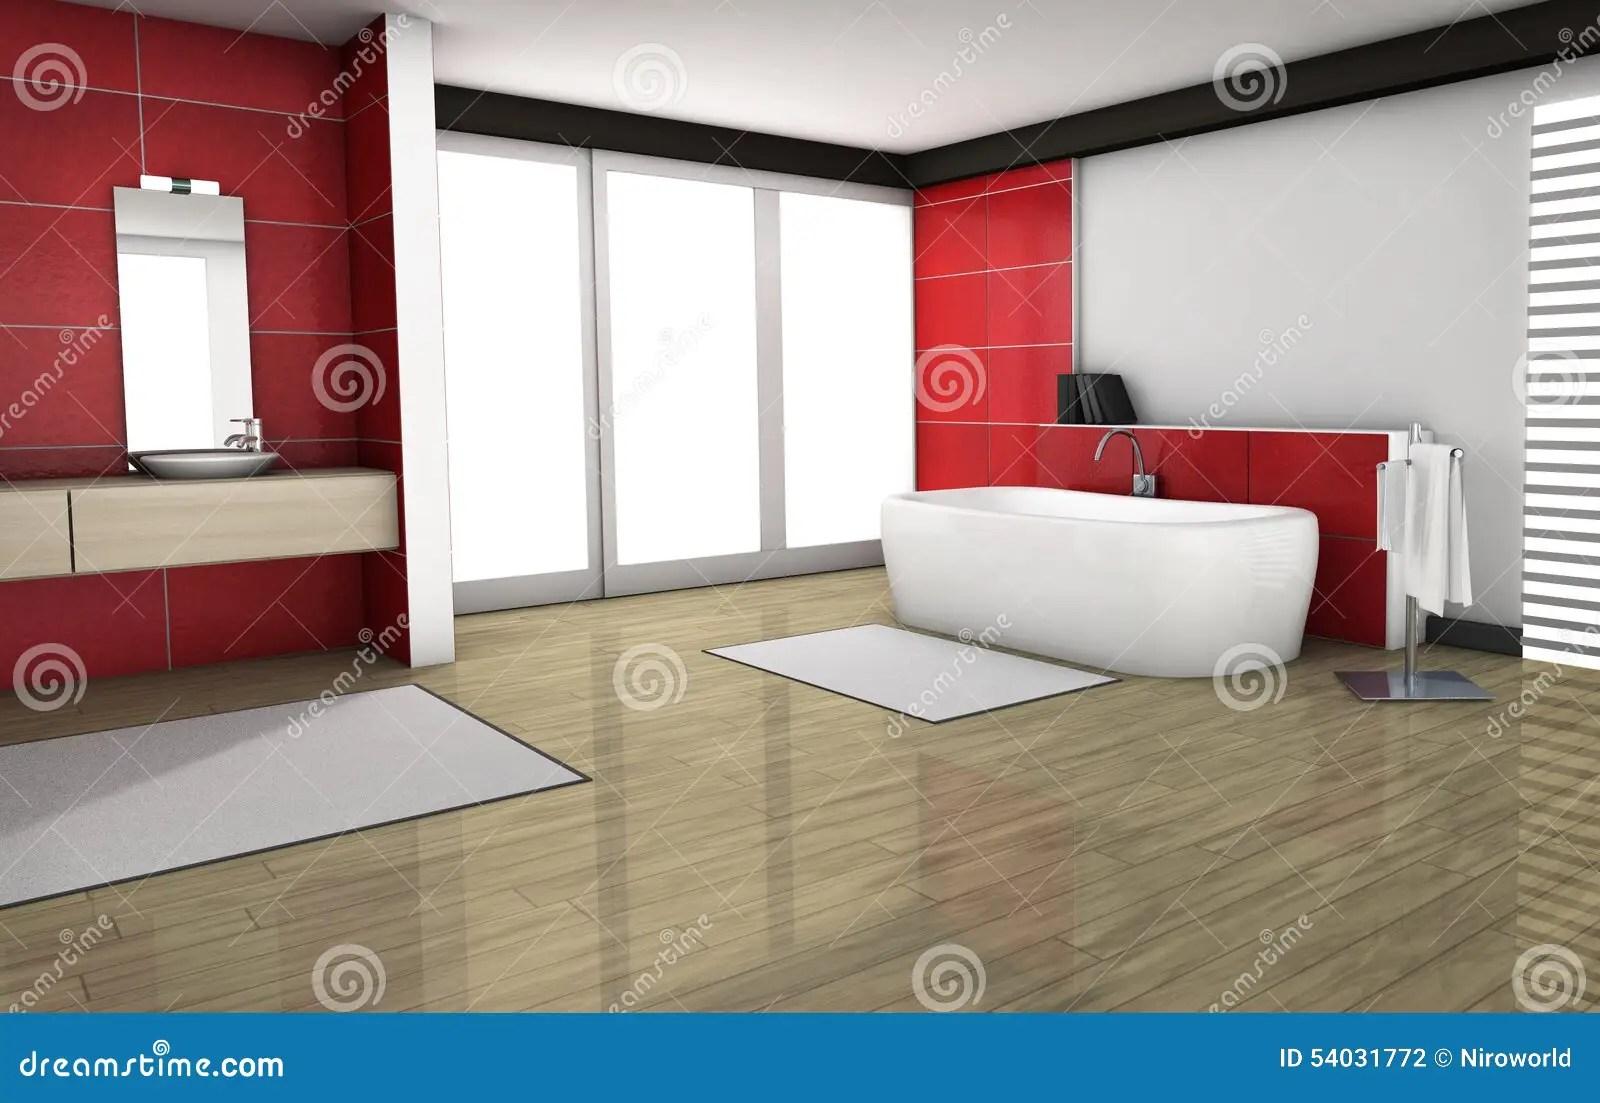 Rote Fliesen Bad Badezimmer Fliesen Rot